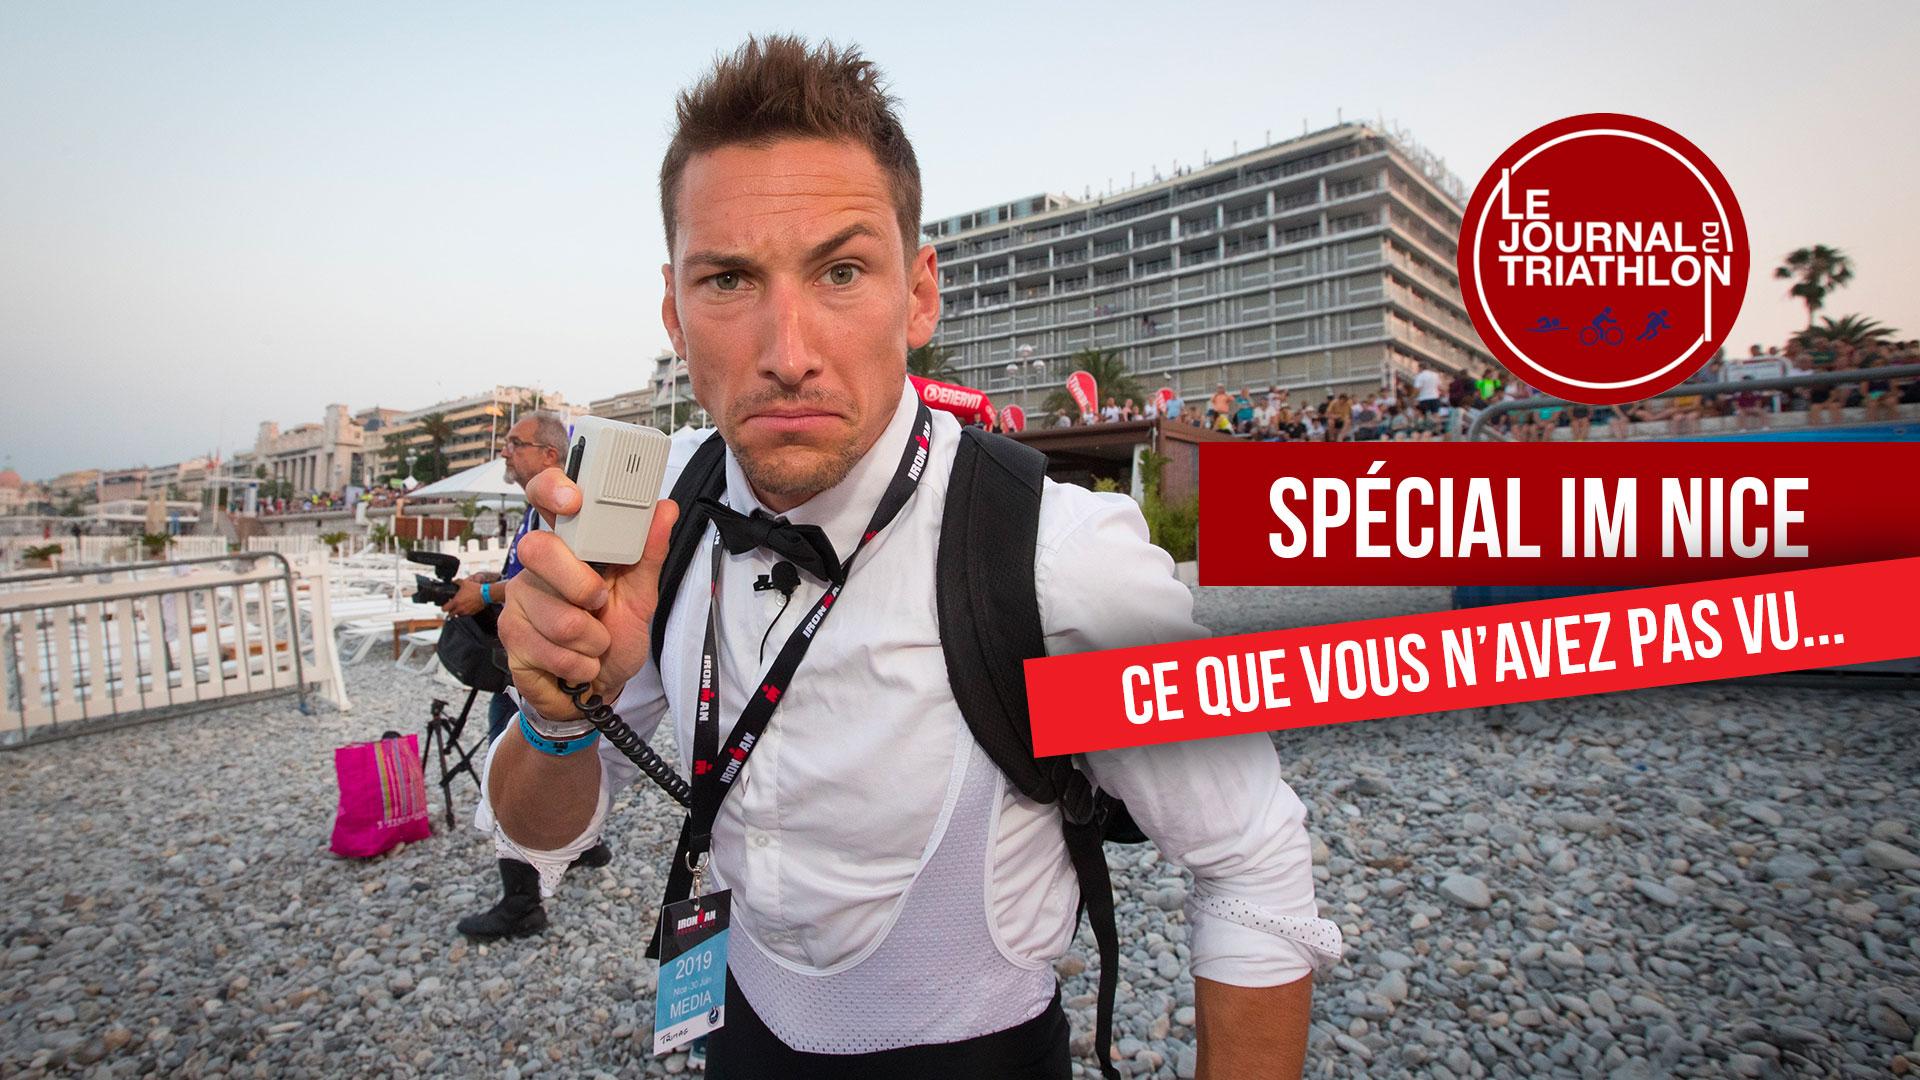 Vidéo IRONMAN de Nice : JT du triathlon n °22  – Live commenté !